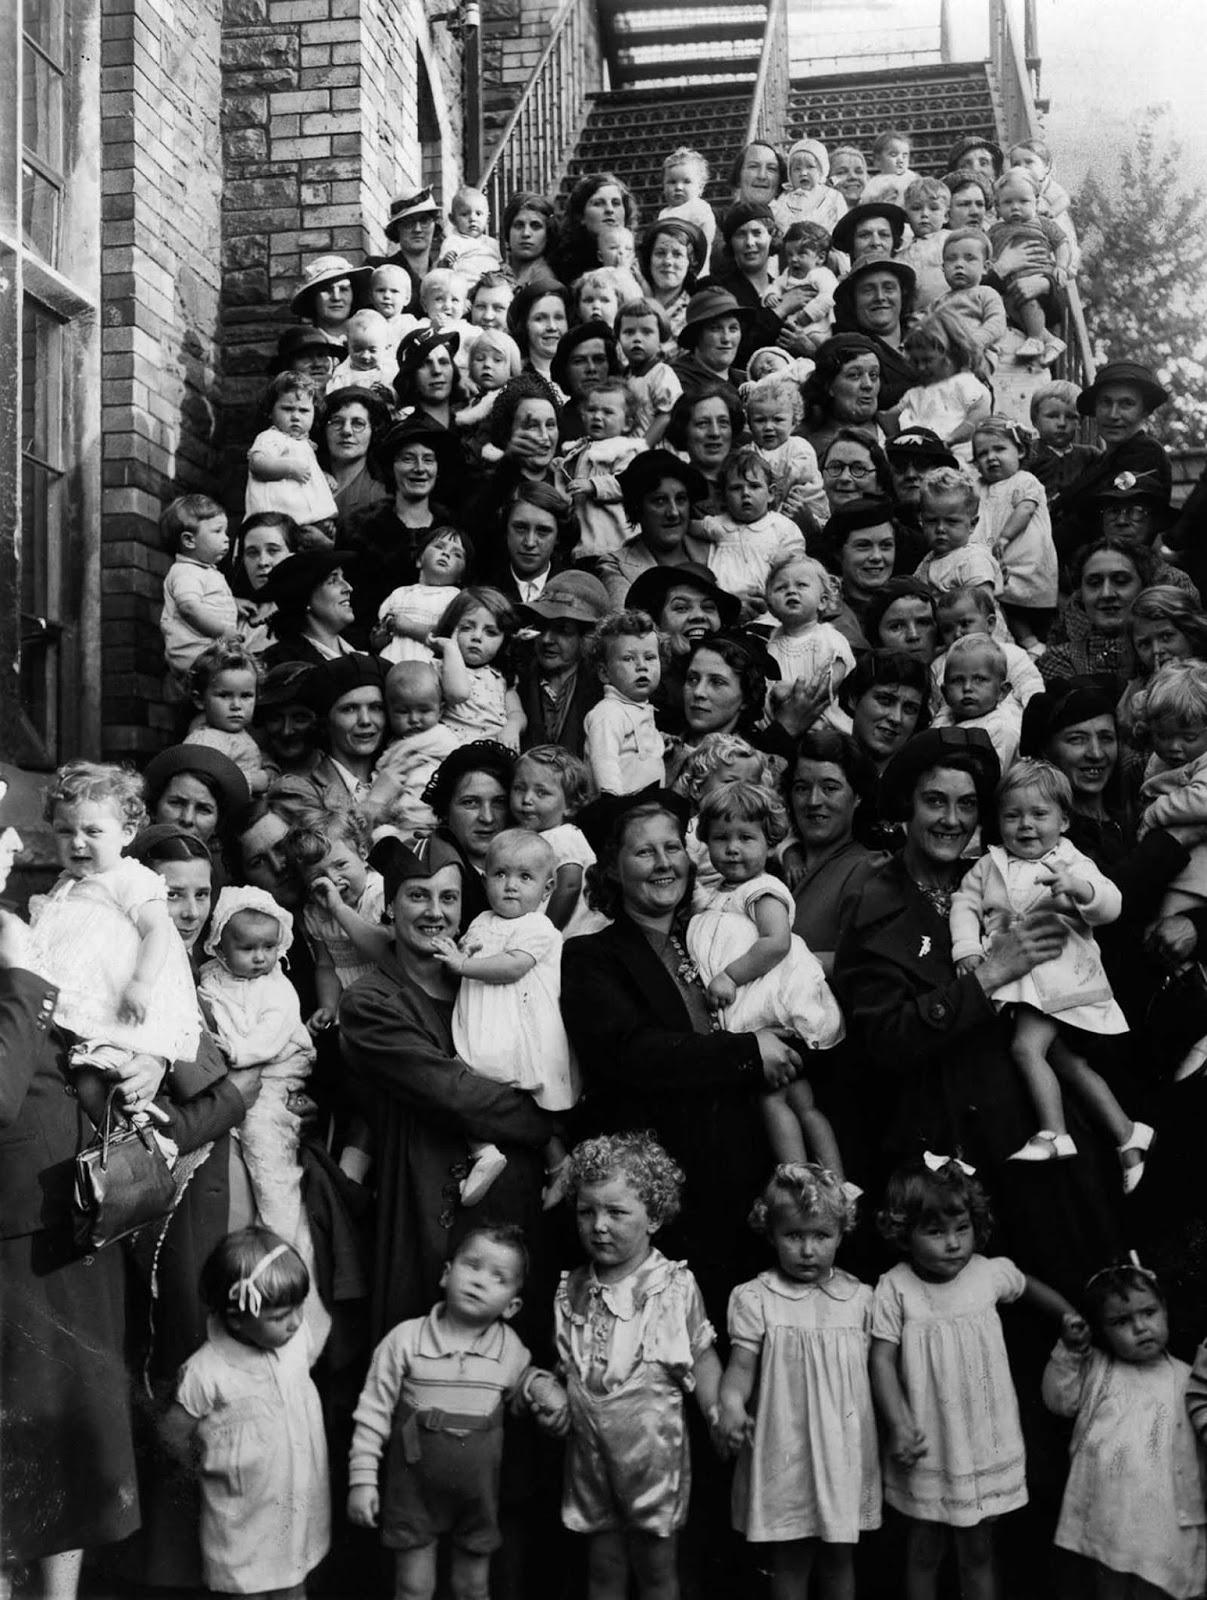 Participantes en un show infantil en Inglaterra. 1950.